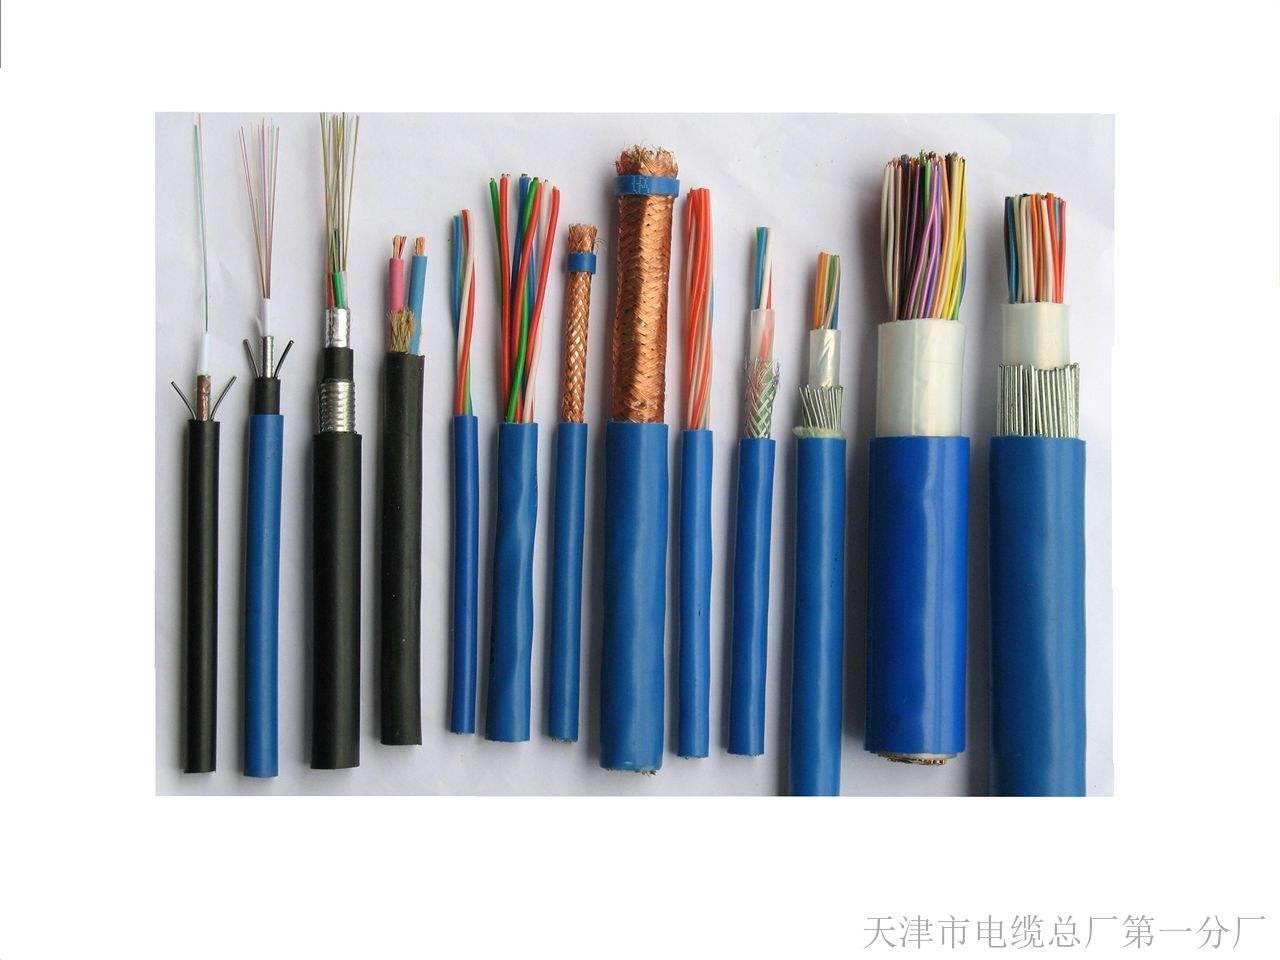 本安屏蔽控制电缆ZC-DJFP2GP2/22优质多芯